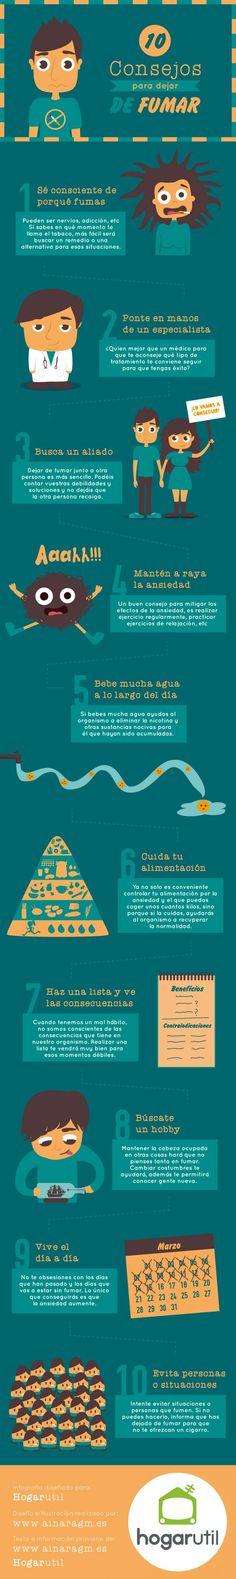 #infografia 10 consejos para dejar de fumar by @ainaragm